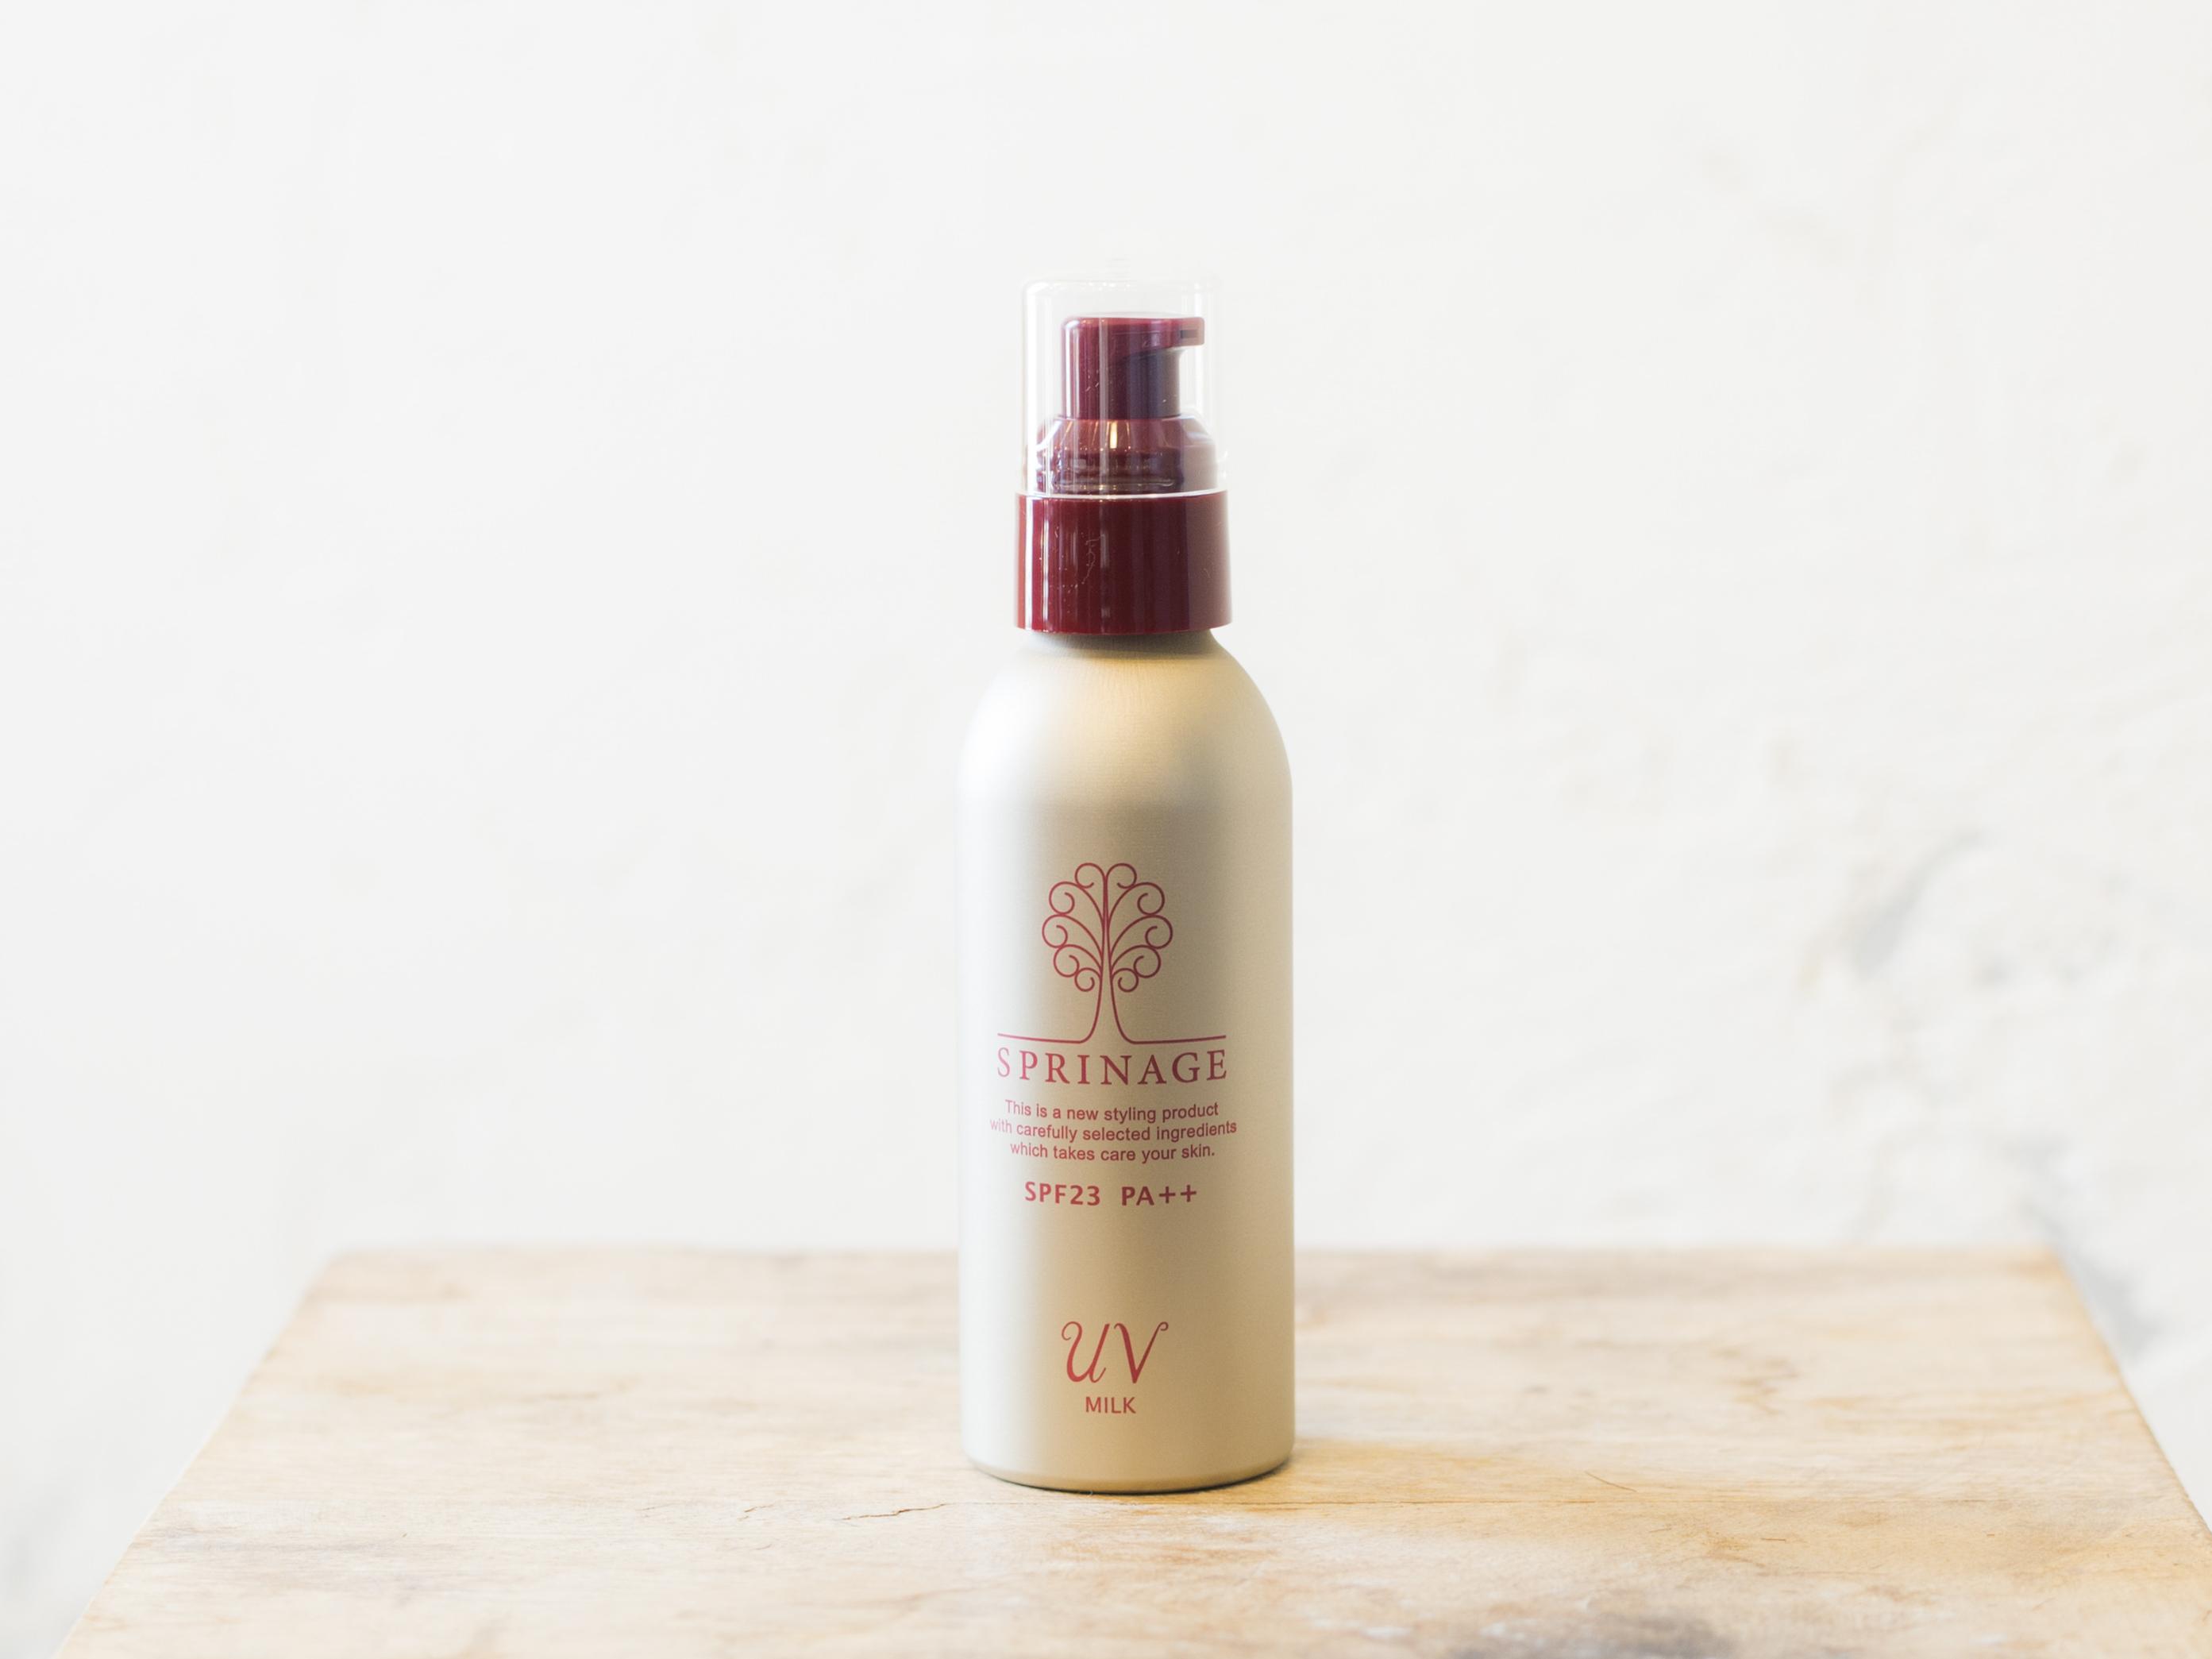 スプリナージュ UV ミルク(130ml)|肌をうるおわせ、髪を整える乳液タイプの、頭皮、髪、肌全てに使用可能UVクリーム SPF23 PA++